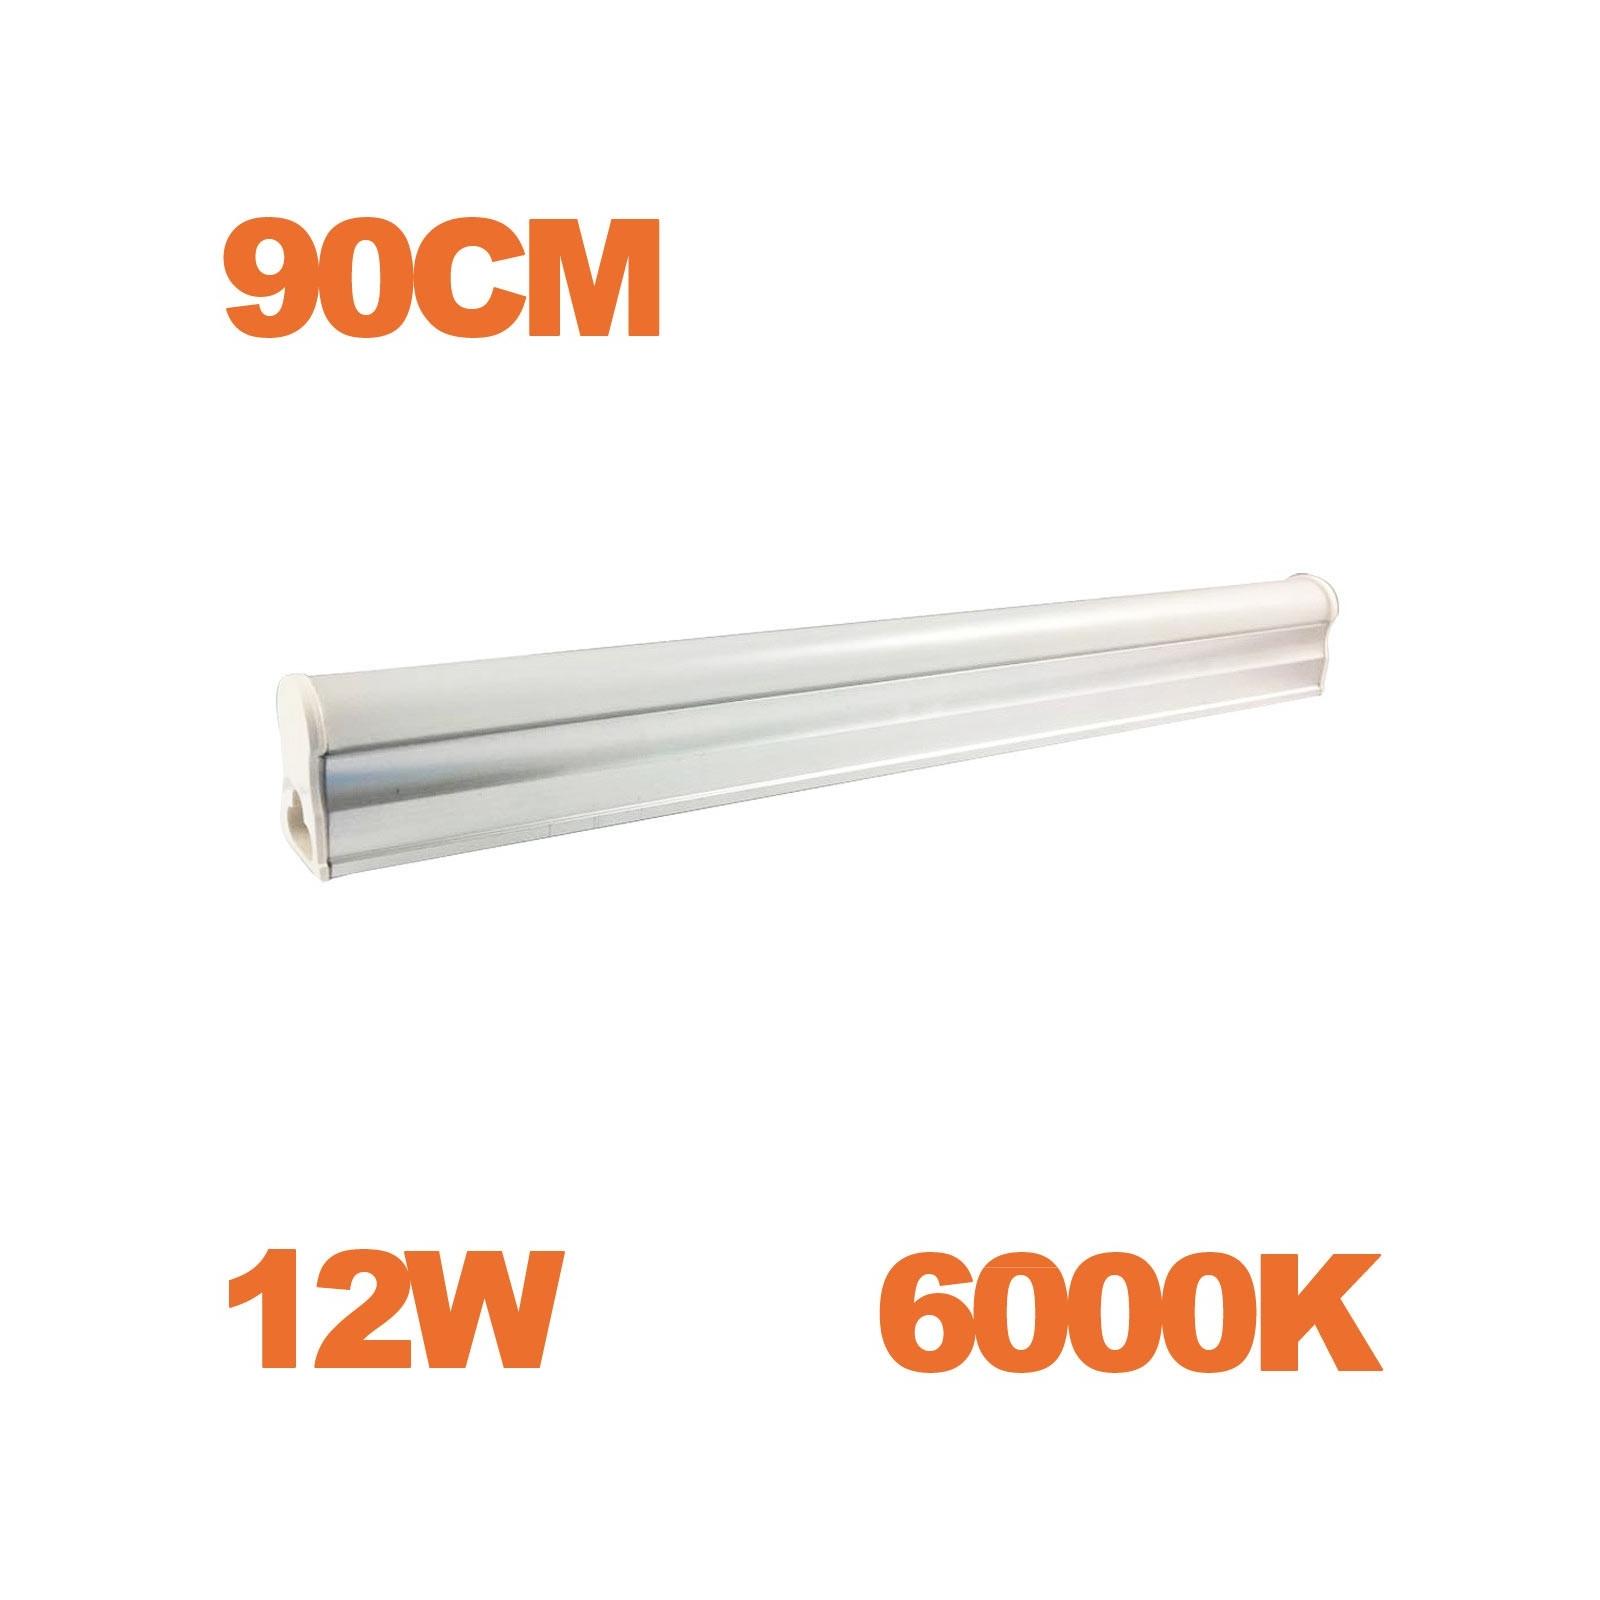 Tube LED T5 Puissance 12W Longueur 90cm Blanc Chaud 3000K